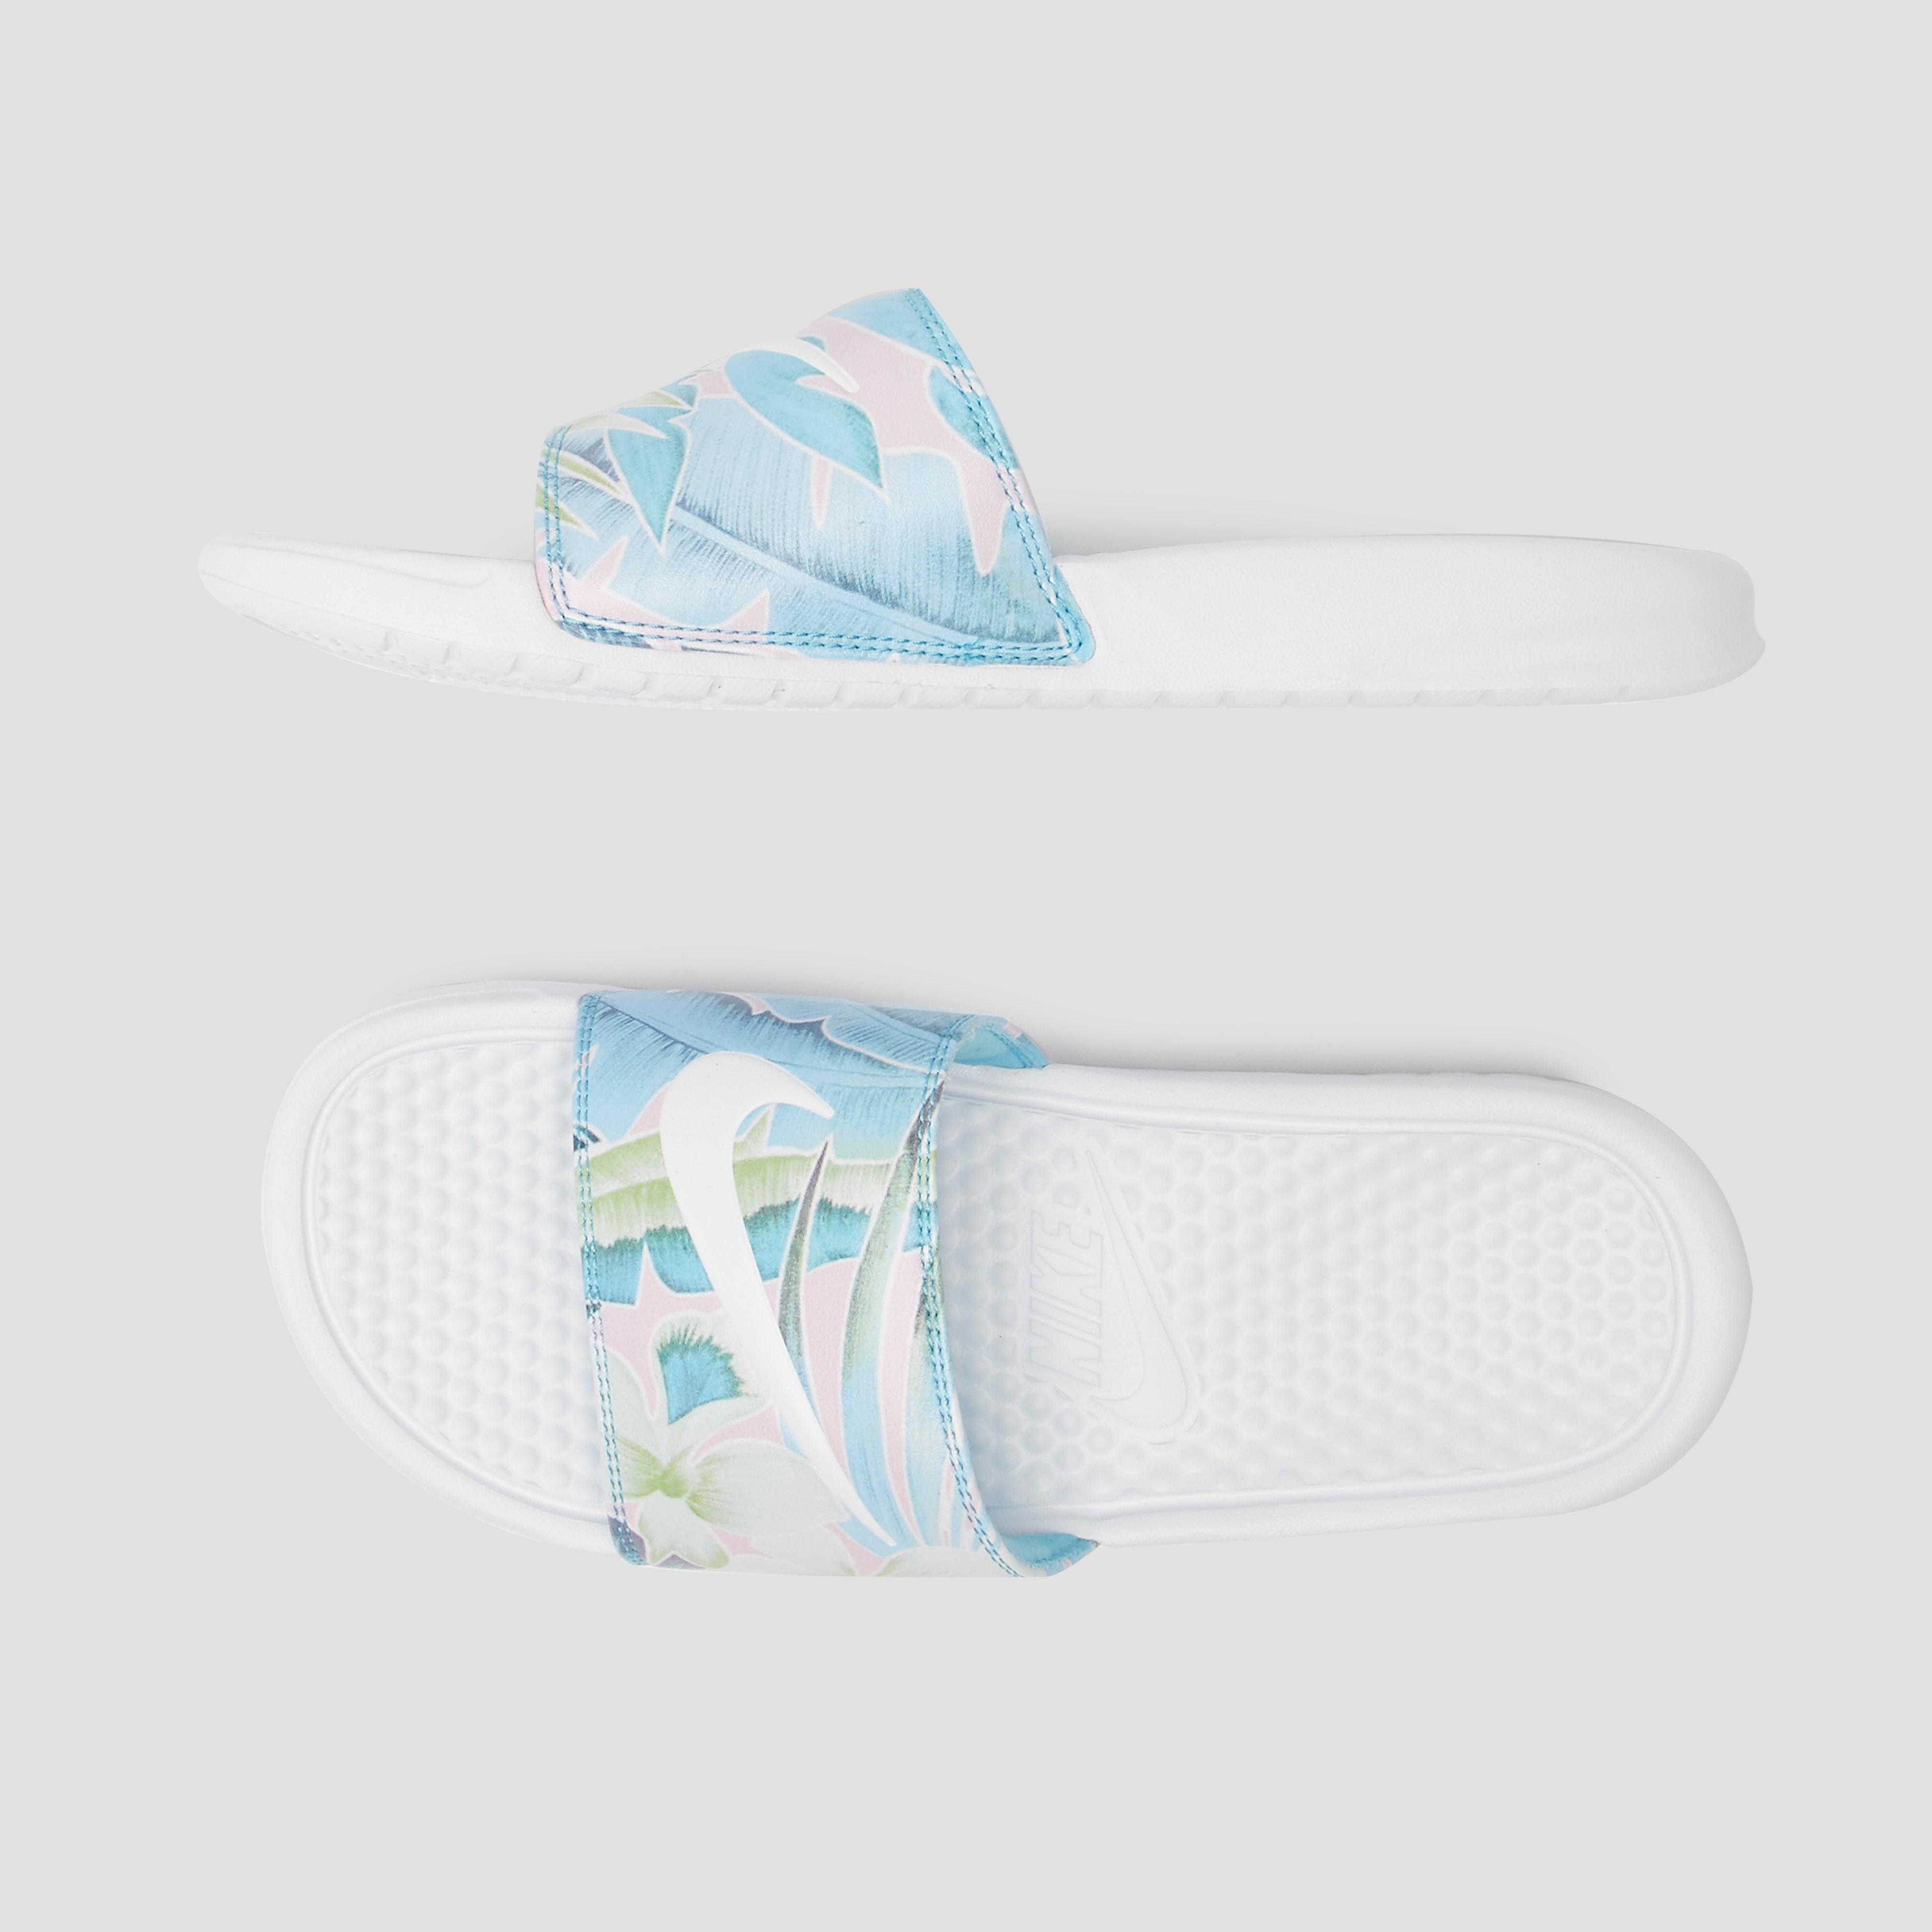 Dames Nike Schoenen online kopen? Vergelijk op Vindjeschoen.nl